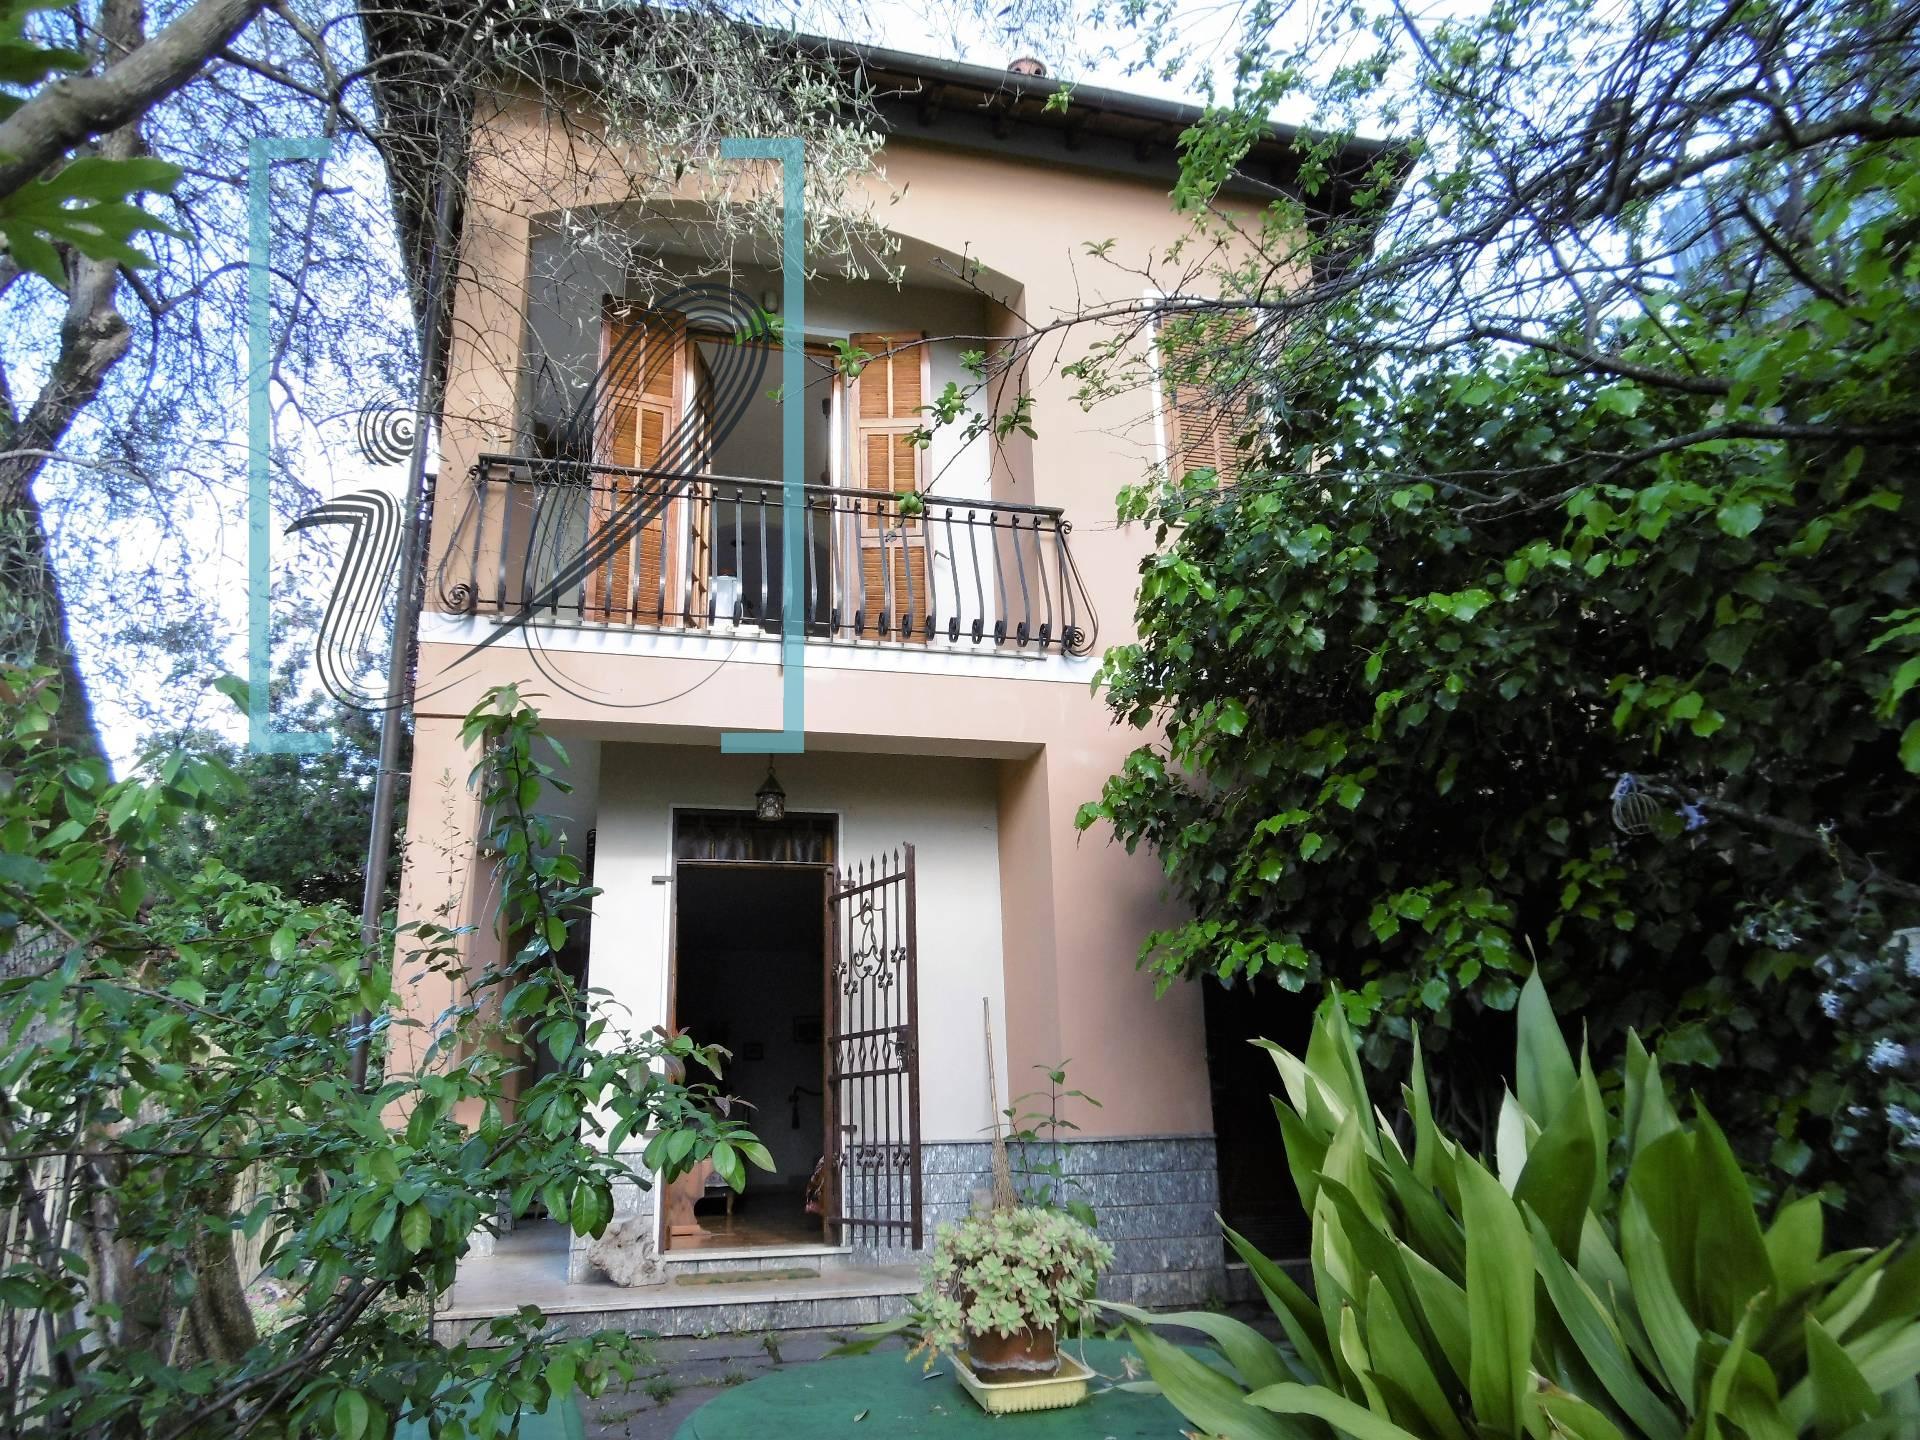 Villa in vendita a Ranzo, 4 locali, prezzo € 100.000   CambioCasa.it